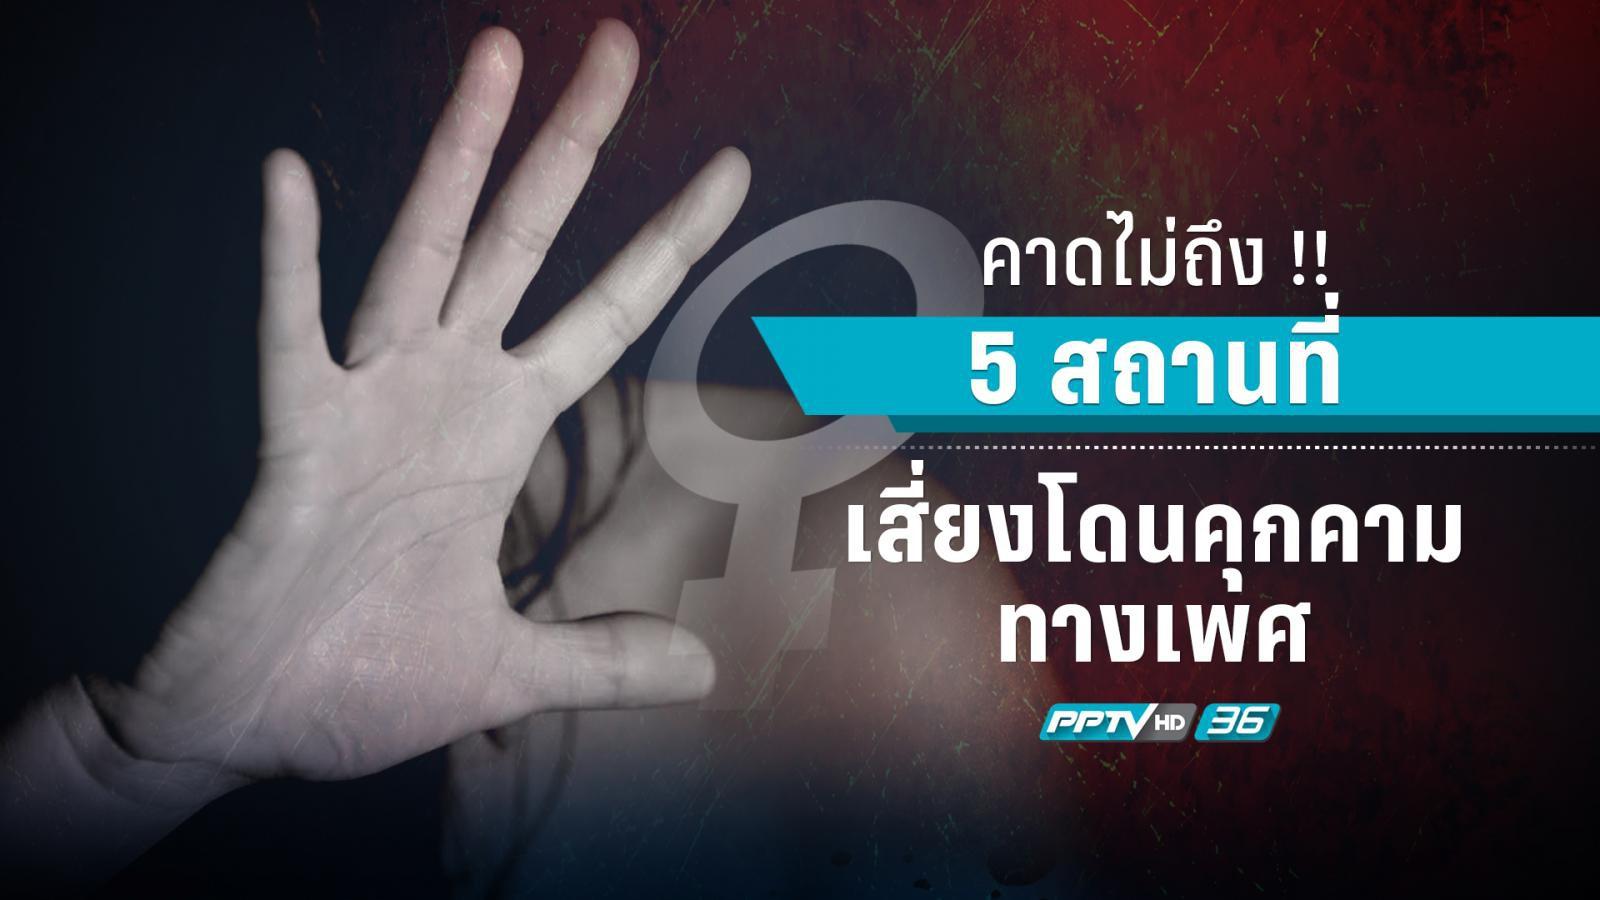 เปิด 5 จุดเสี่ยงที่คาดไม่ถึงอาจถูกล่วงละเมิดทางเพศ